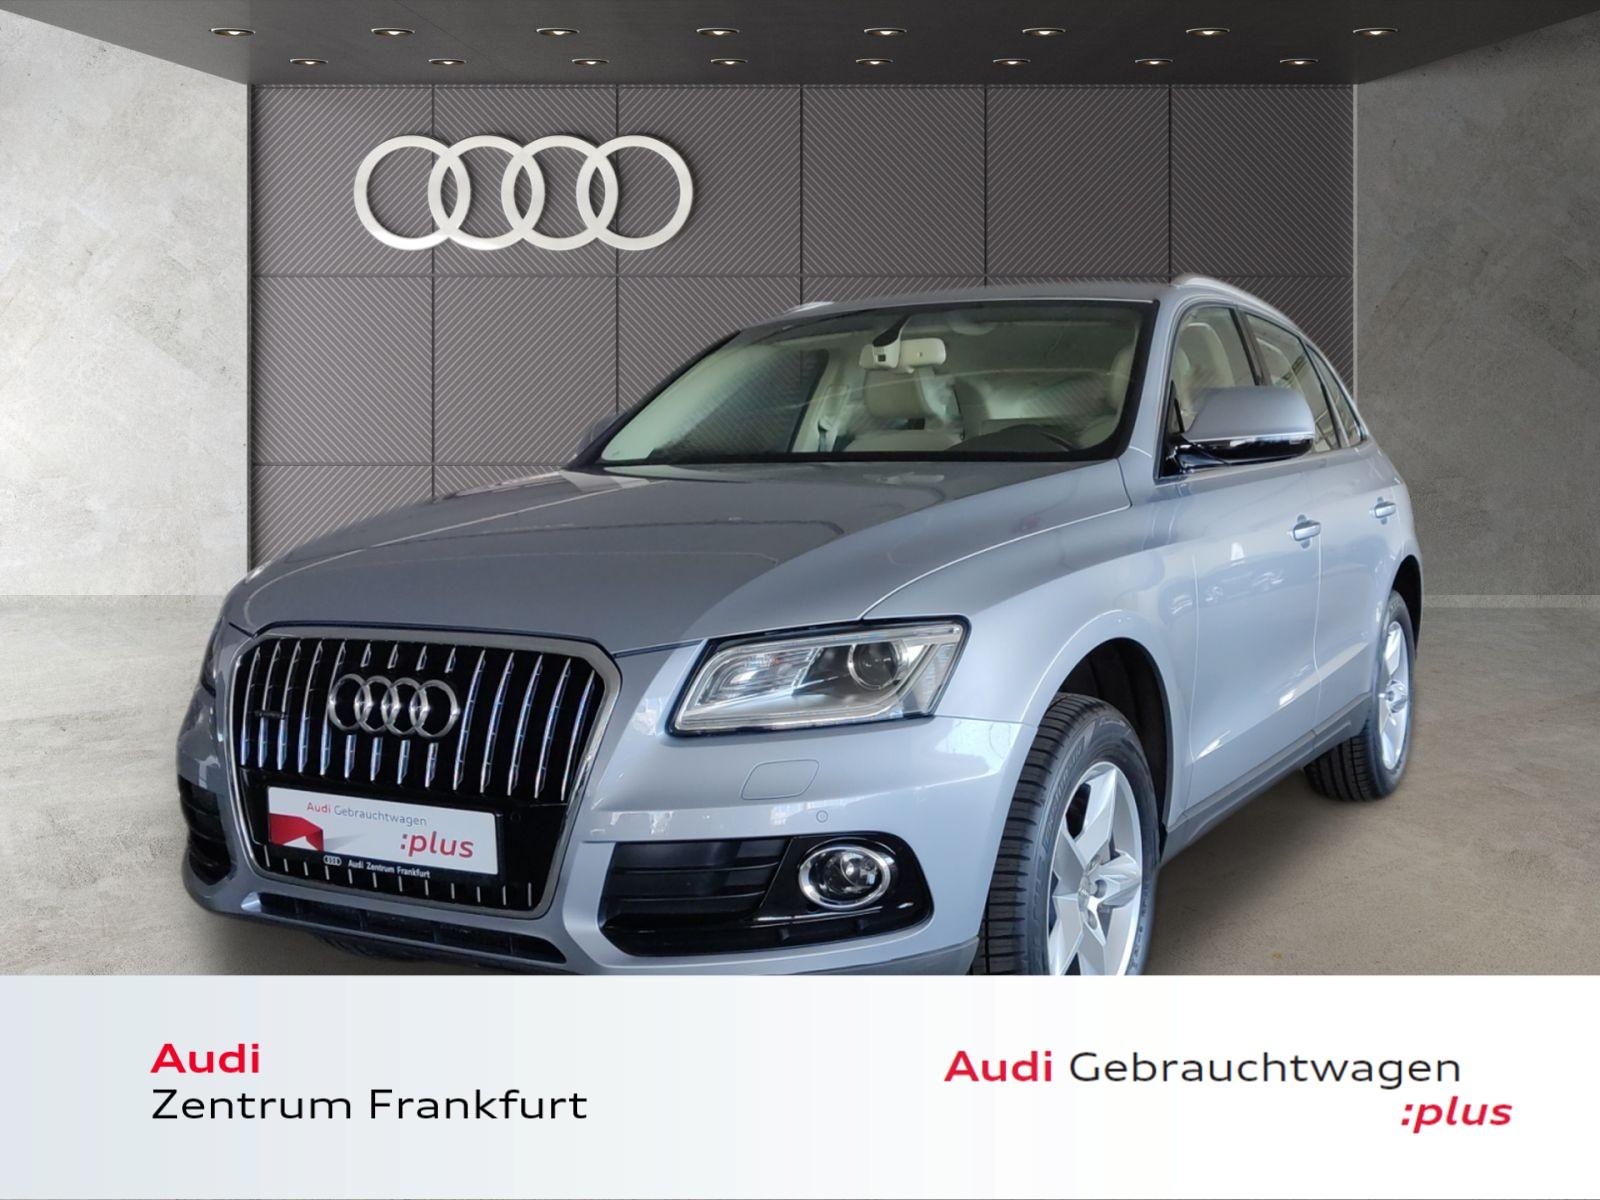 Audi Q5 3.0 TDI quattro S tronic Navi Xenon Tempomat, Jahr 2016, Diesel